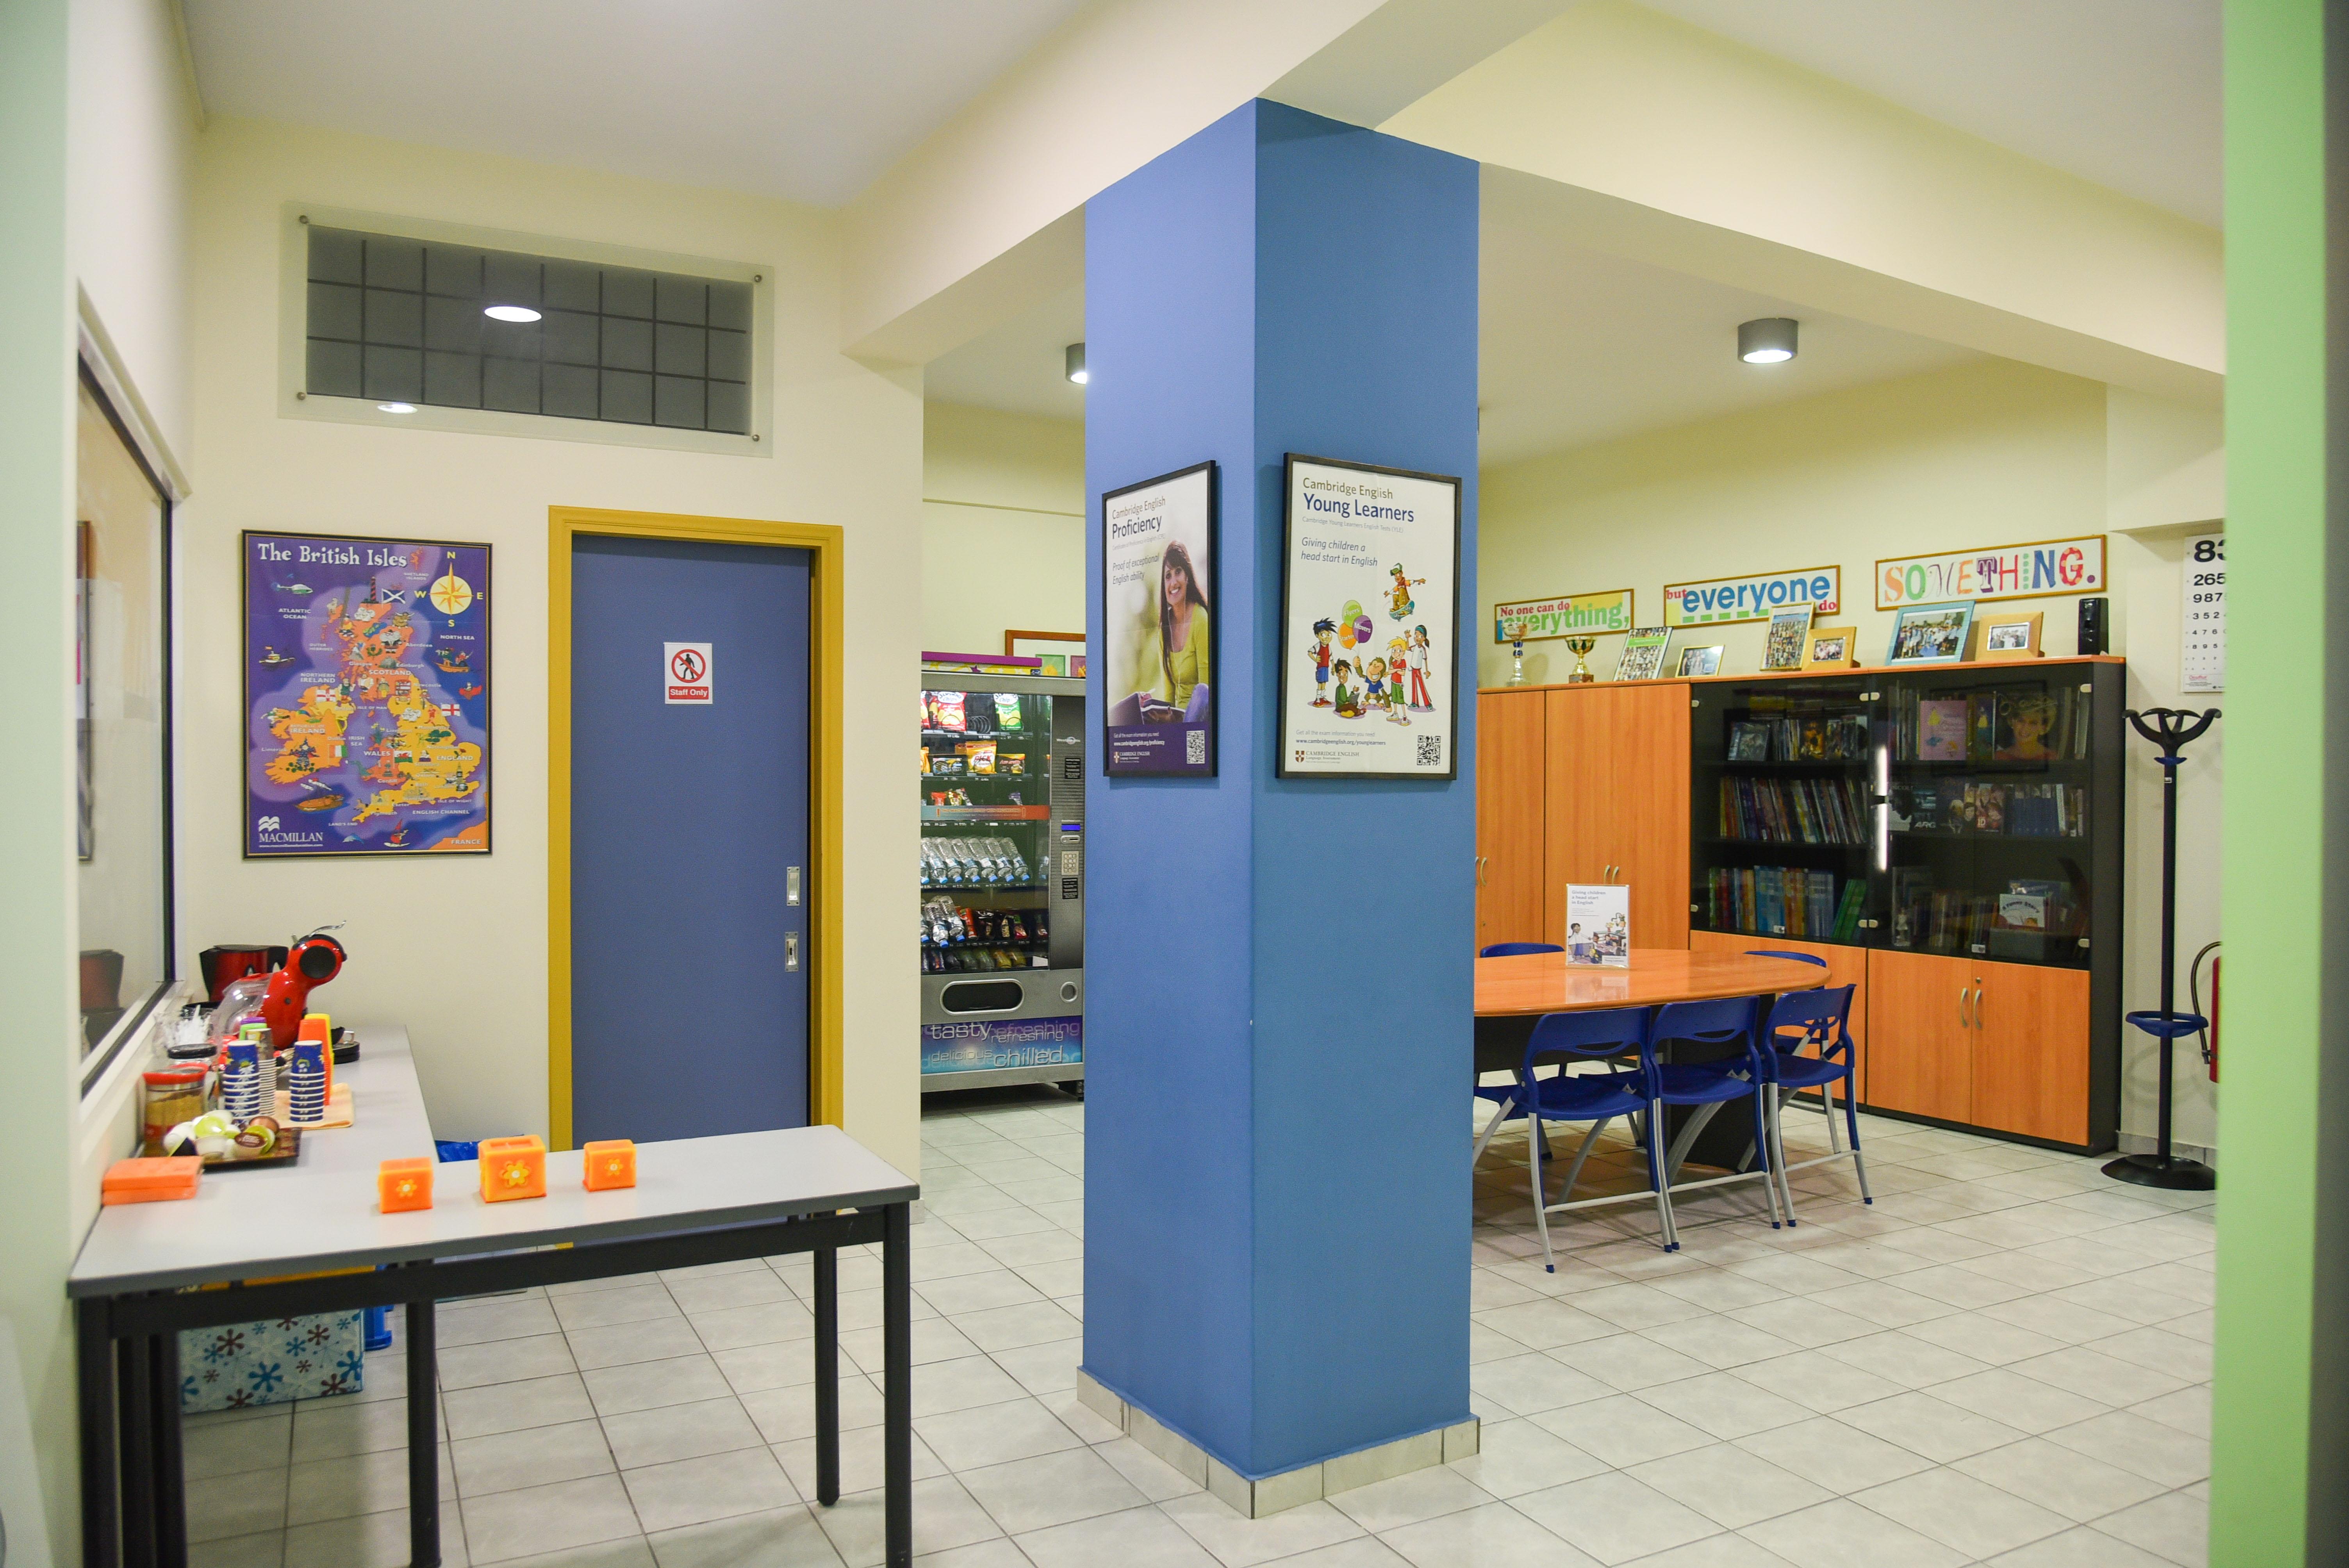 Βιβλιοθήκη και χώρος μελέτης κεντρικού σχολείου